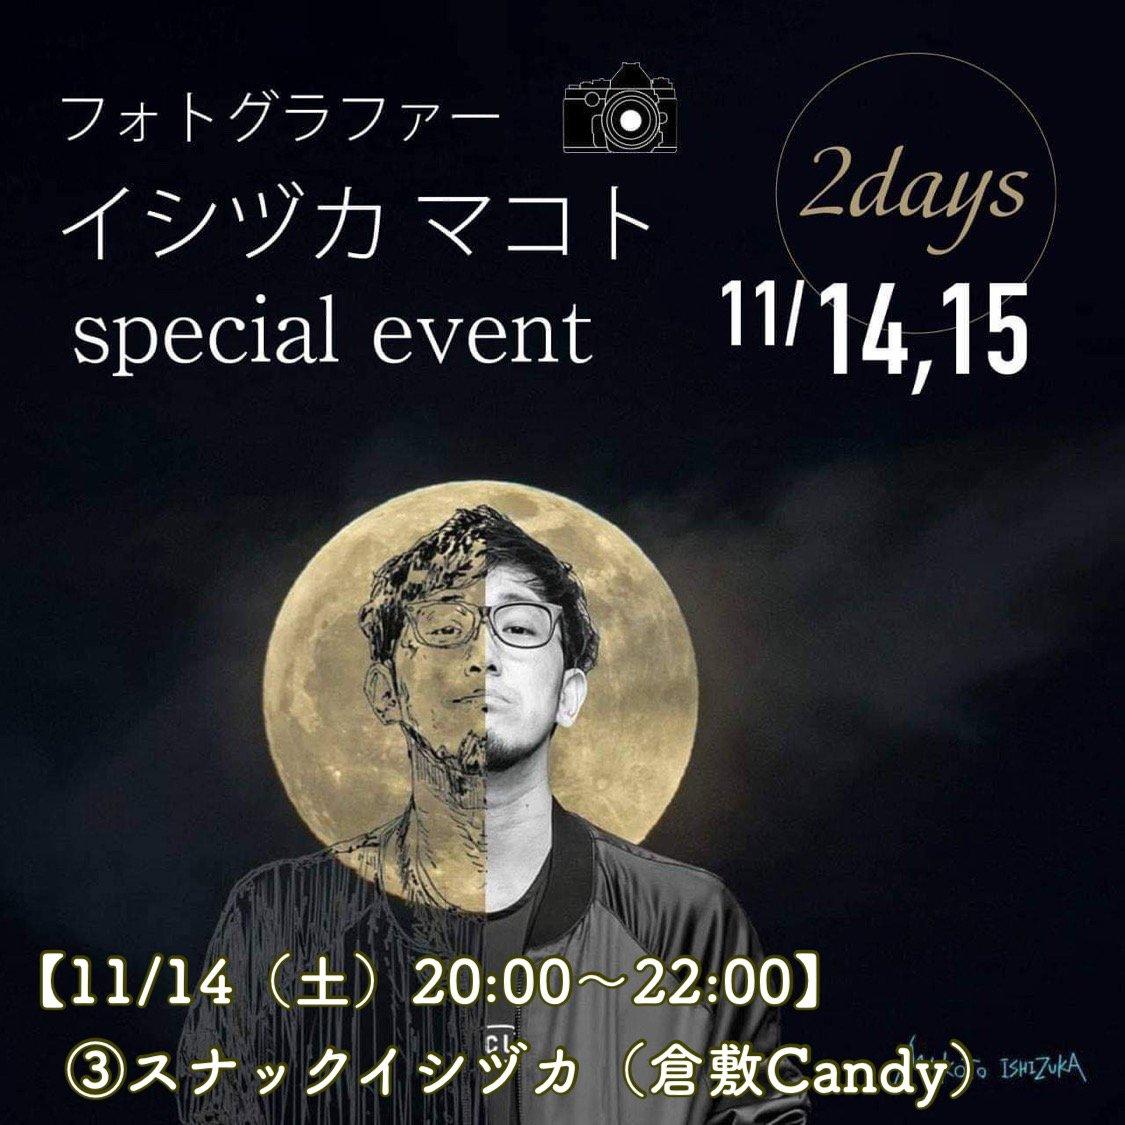 【11/14(土)20:00〜22:00】③スナックイシヅカ(倉敷Candy)のイメージその1